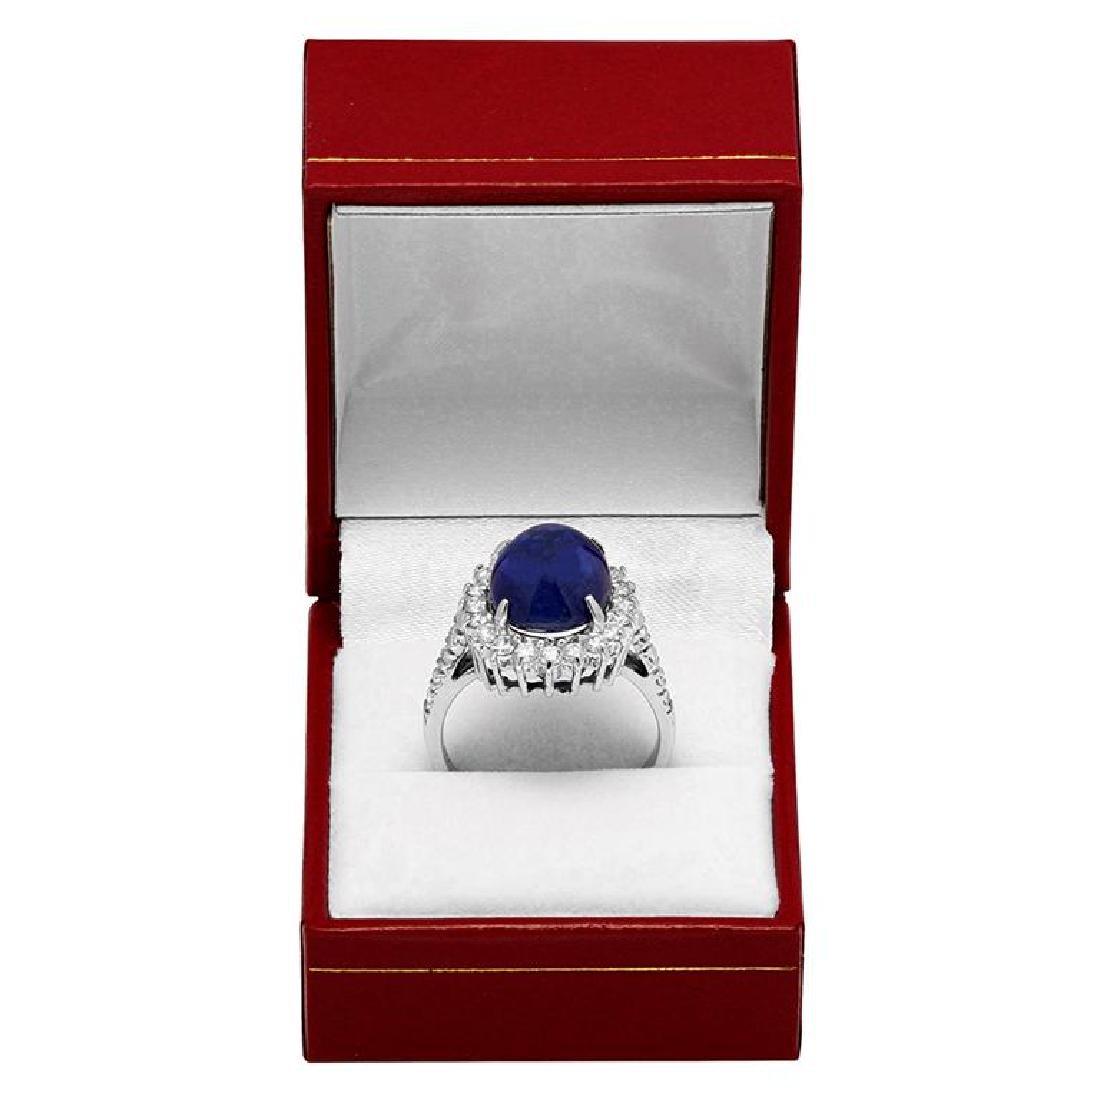 14k White Gold 11.50ct Sapphire 1.22ct Diamond Ring - 4